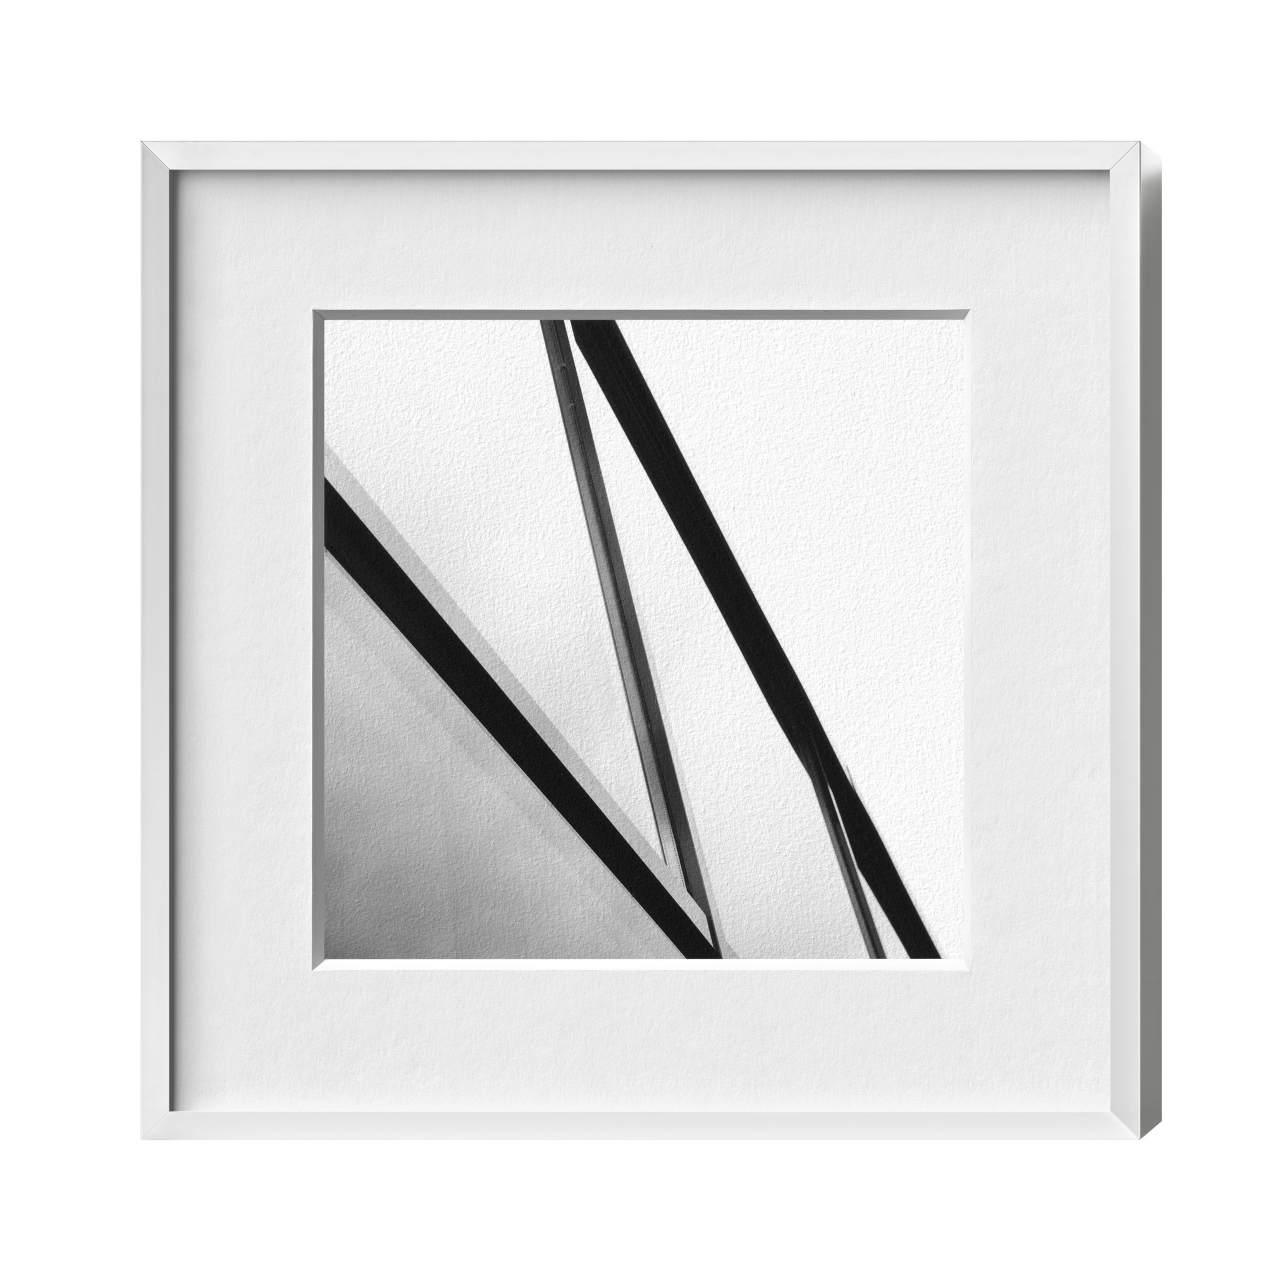 Bilderrahmen 35x50 cm online kaufen | HALBE-Rahmen.de